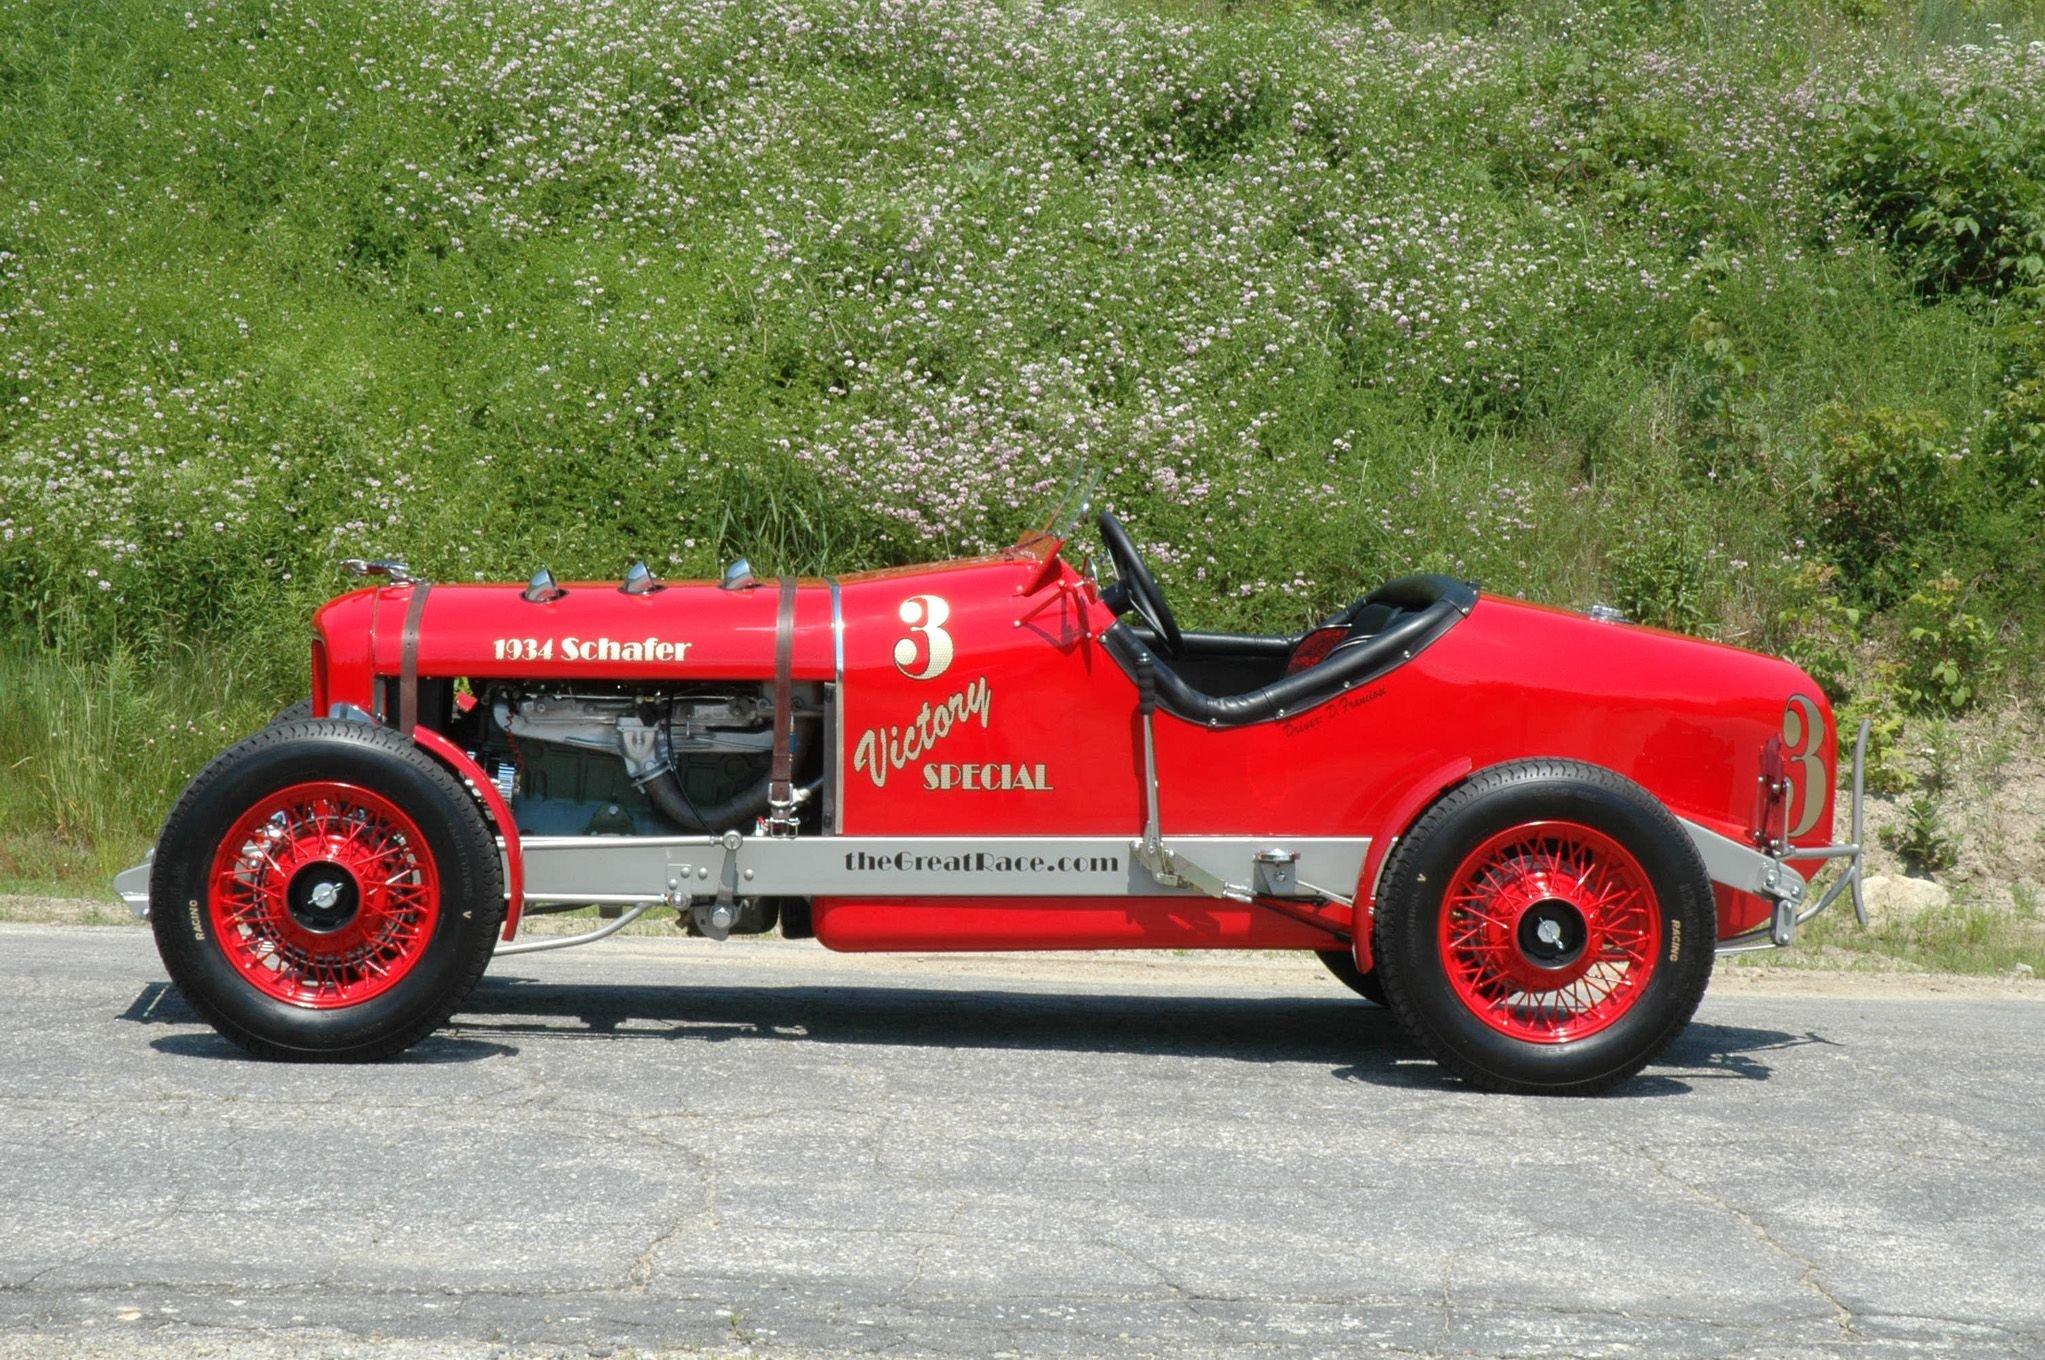 1934 Schafer Indycar-02 wallpaper